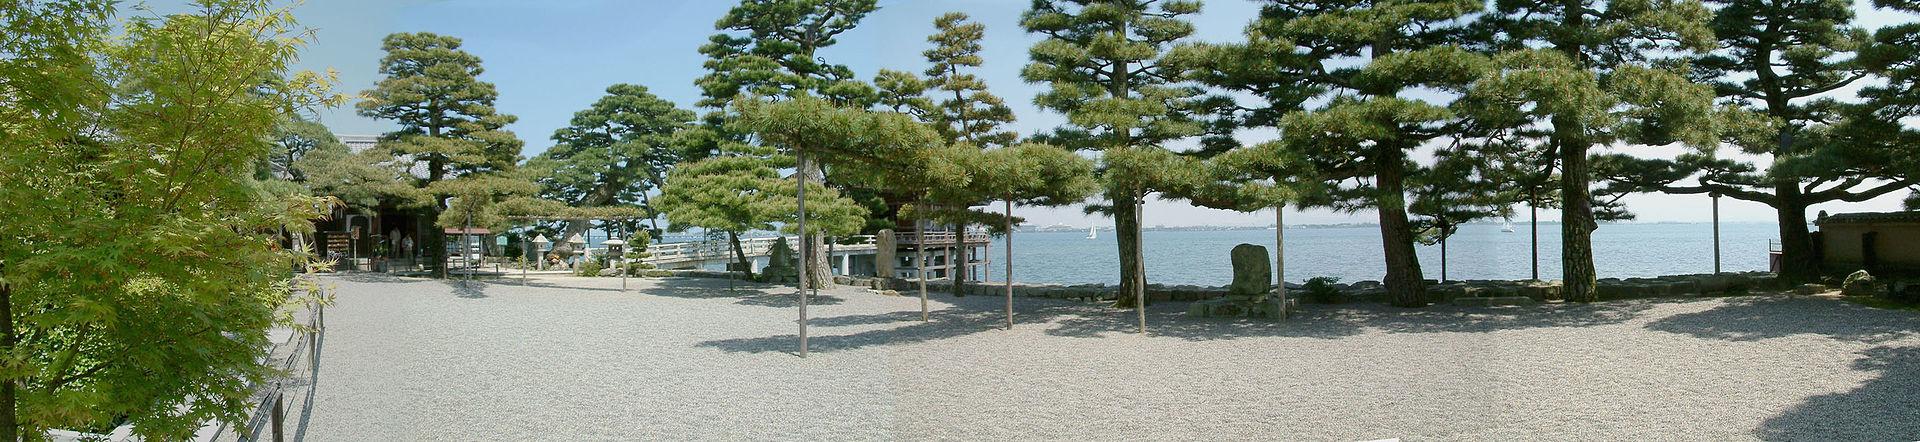 Ukimidou,浮御堂_-_panoramio_-_z_tanuki.jpg